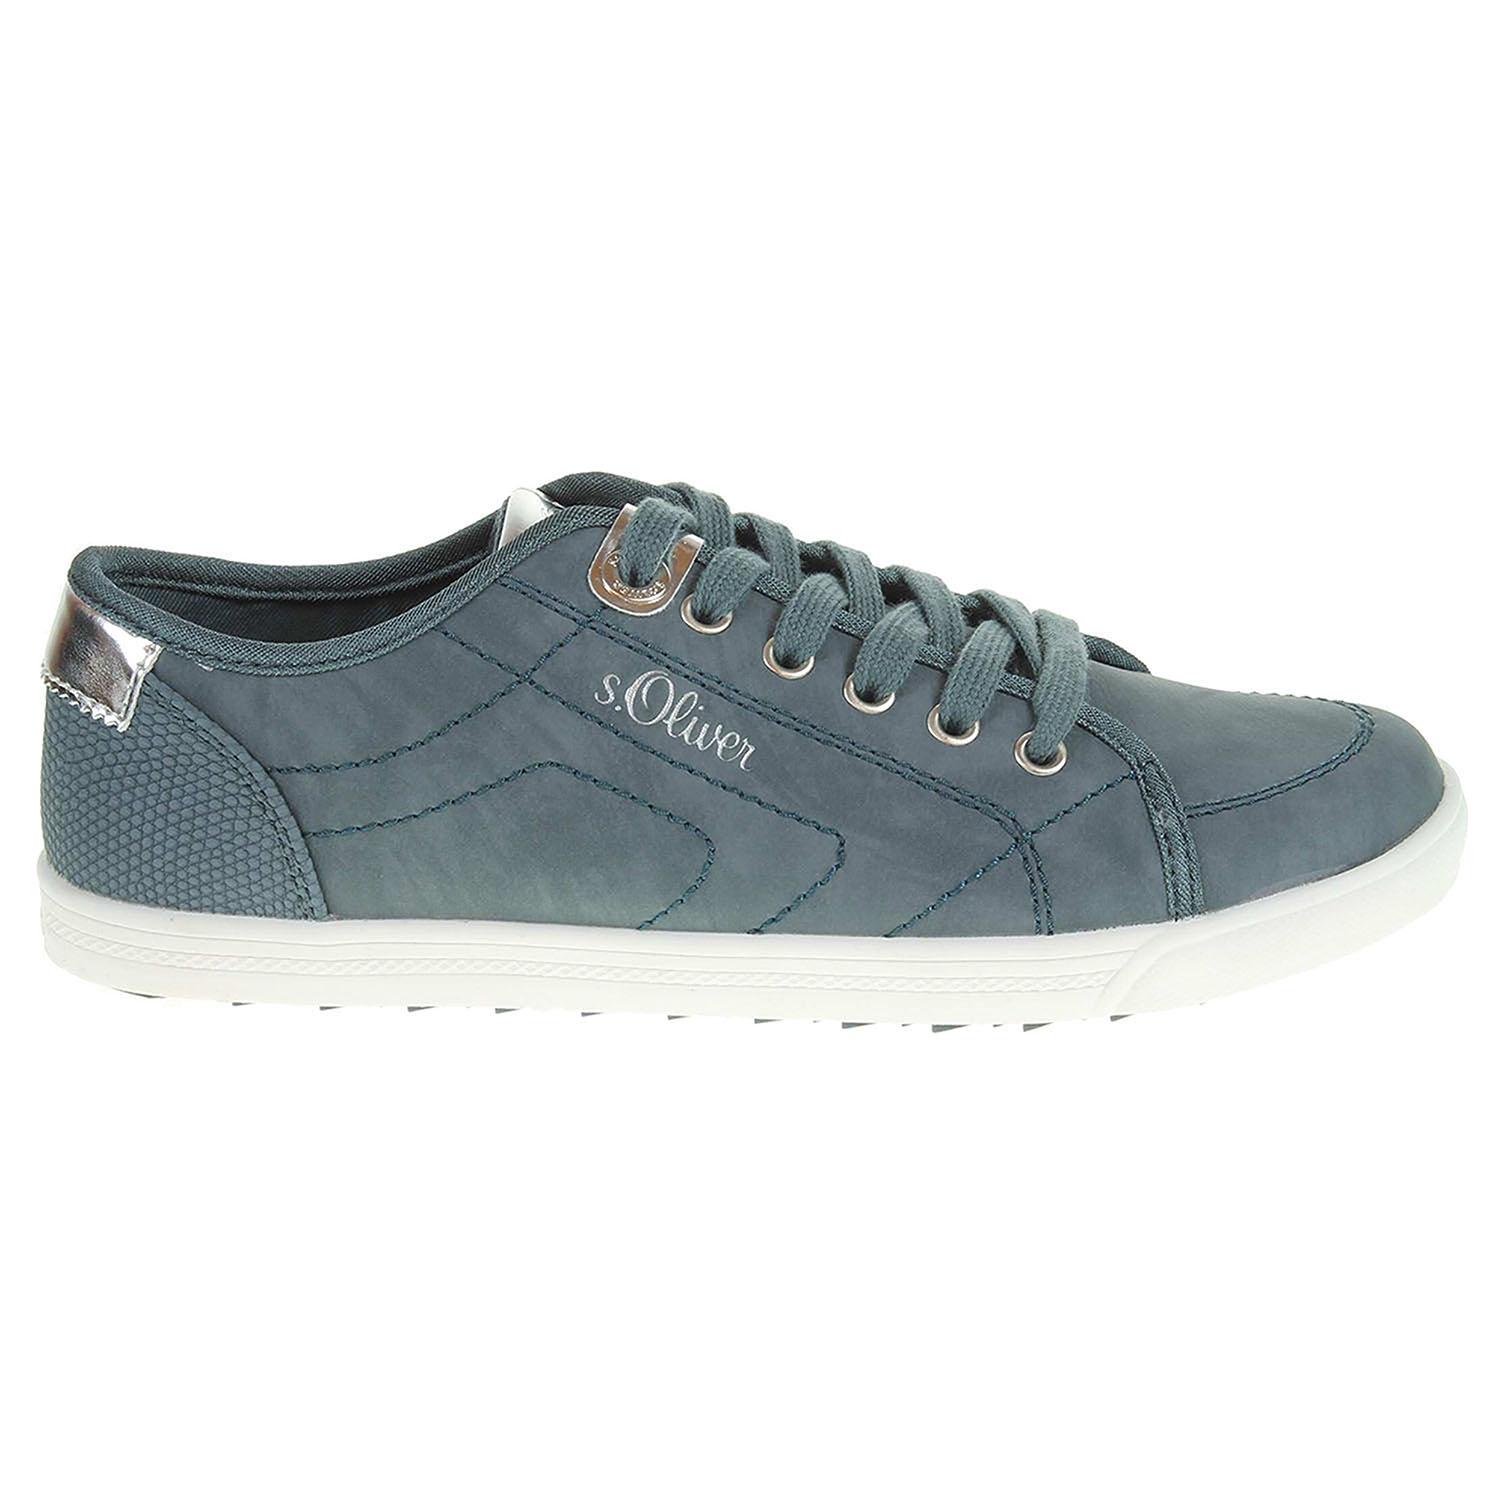 s.Oliver dámská obuv 5-23631-28 modrá 41